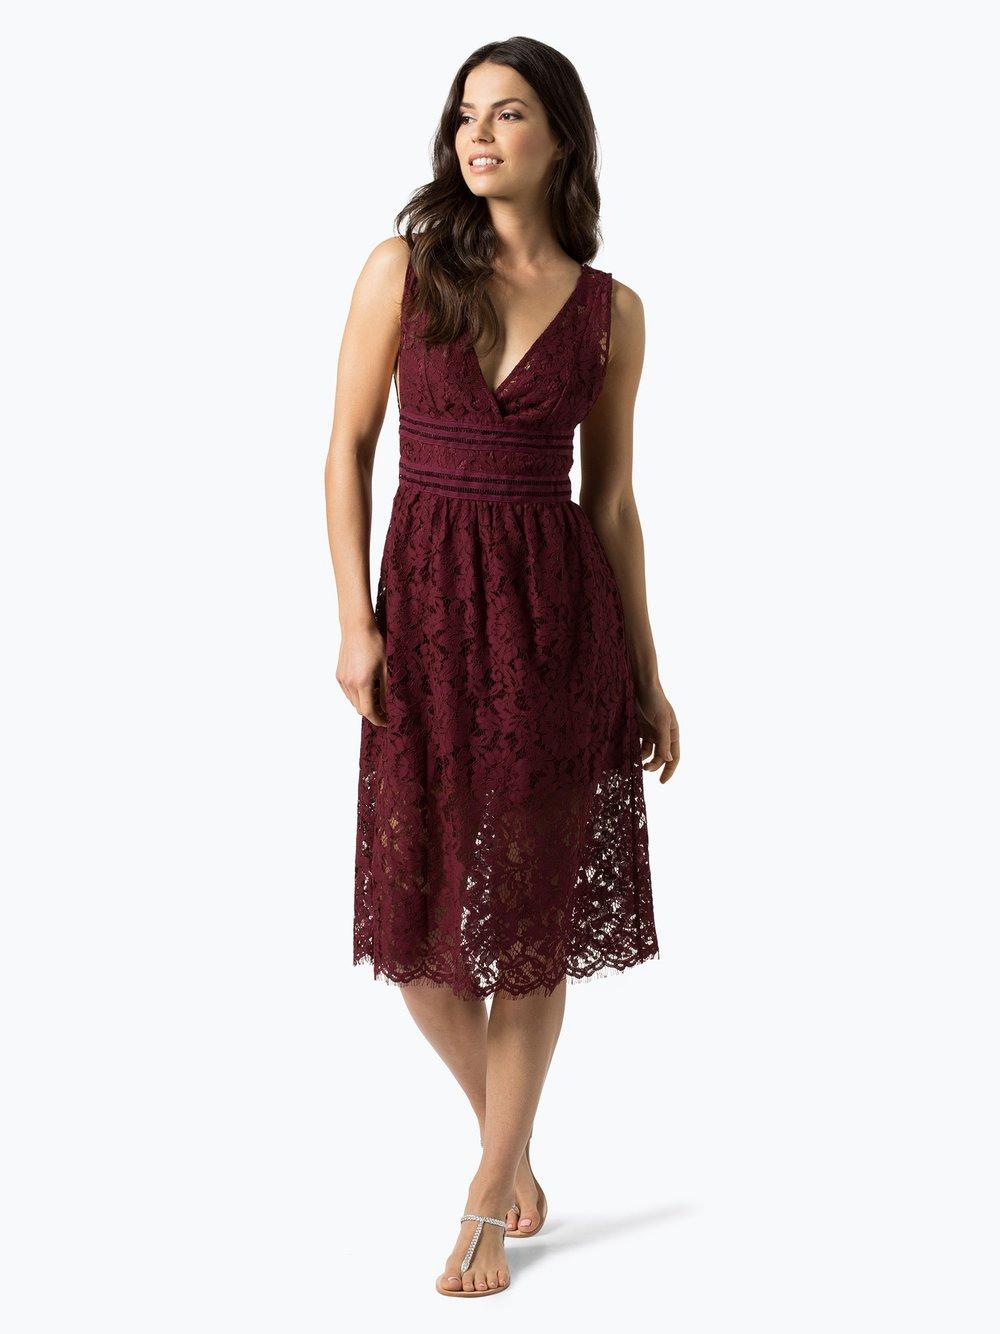 Erstaunlich Yas Abendkleid Spezialgebiet15 Ausgezeichnet Yas Abendkleid Galerie